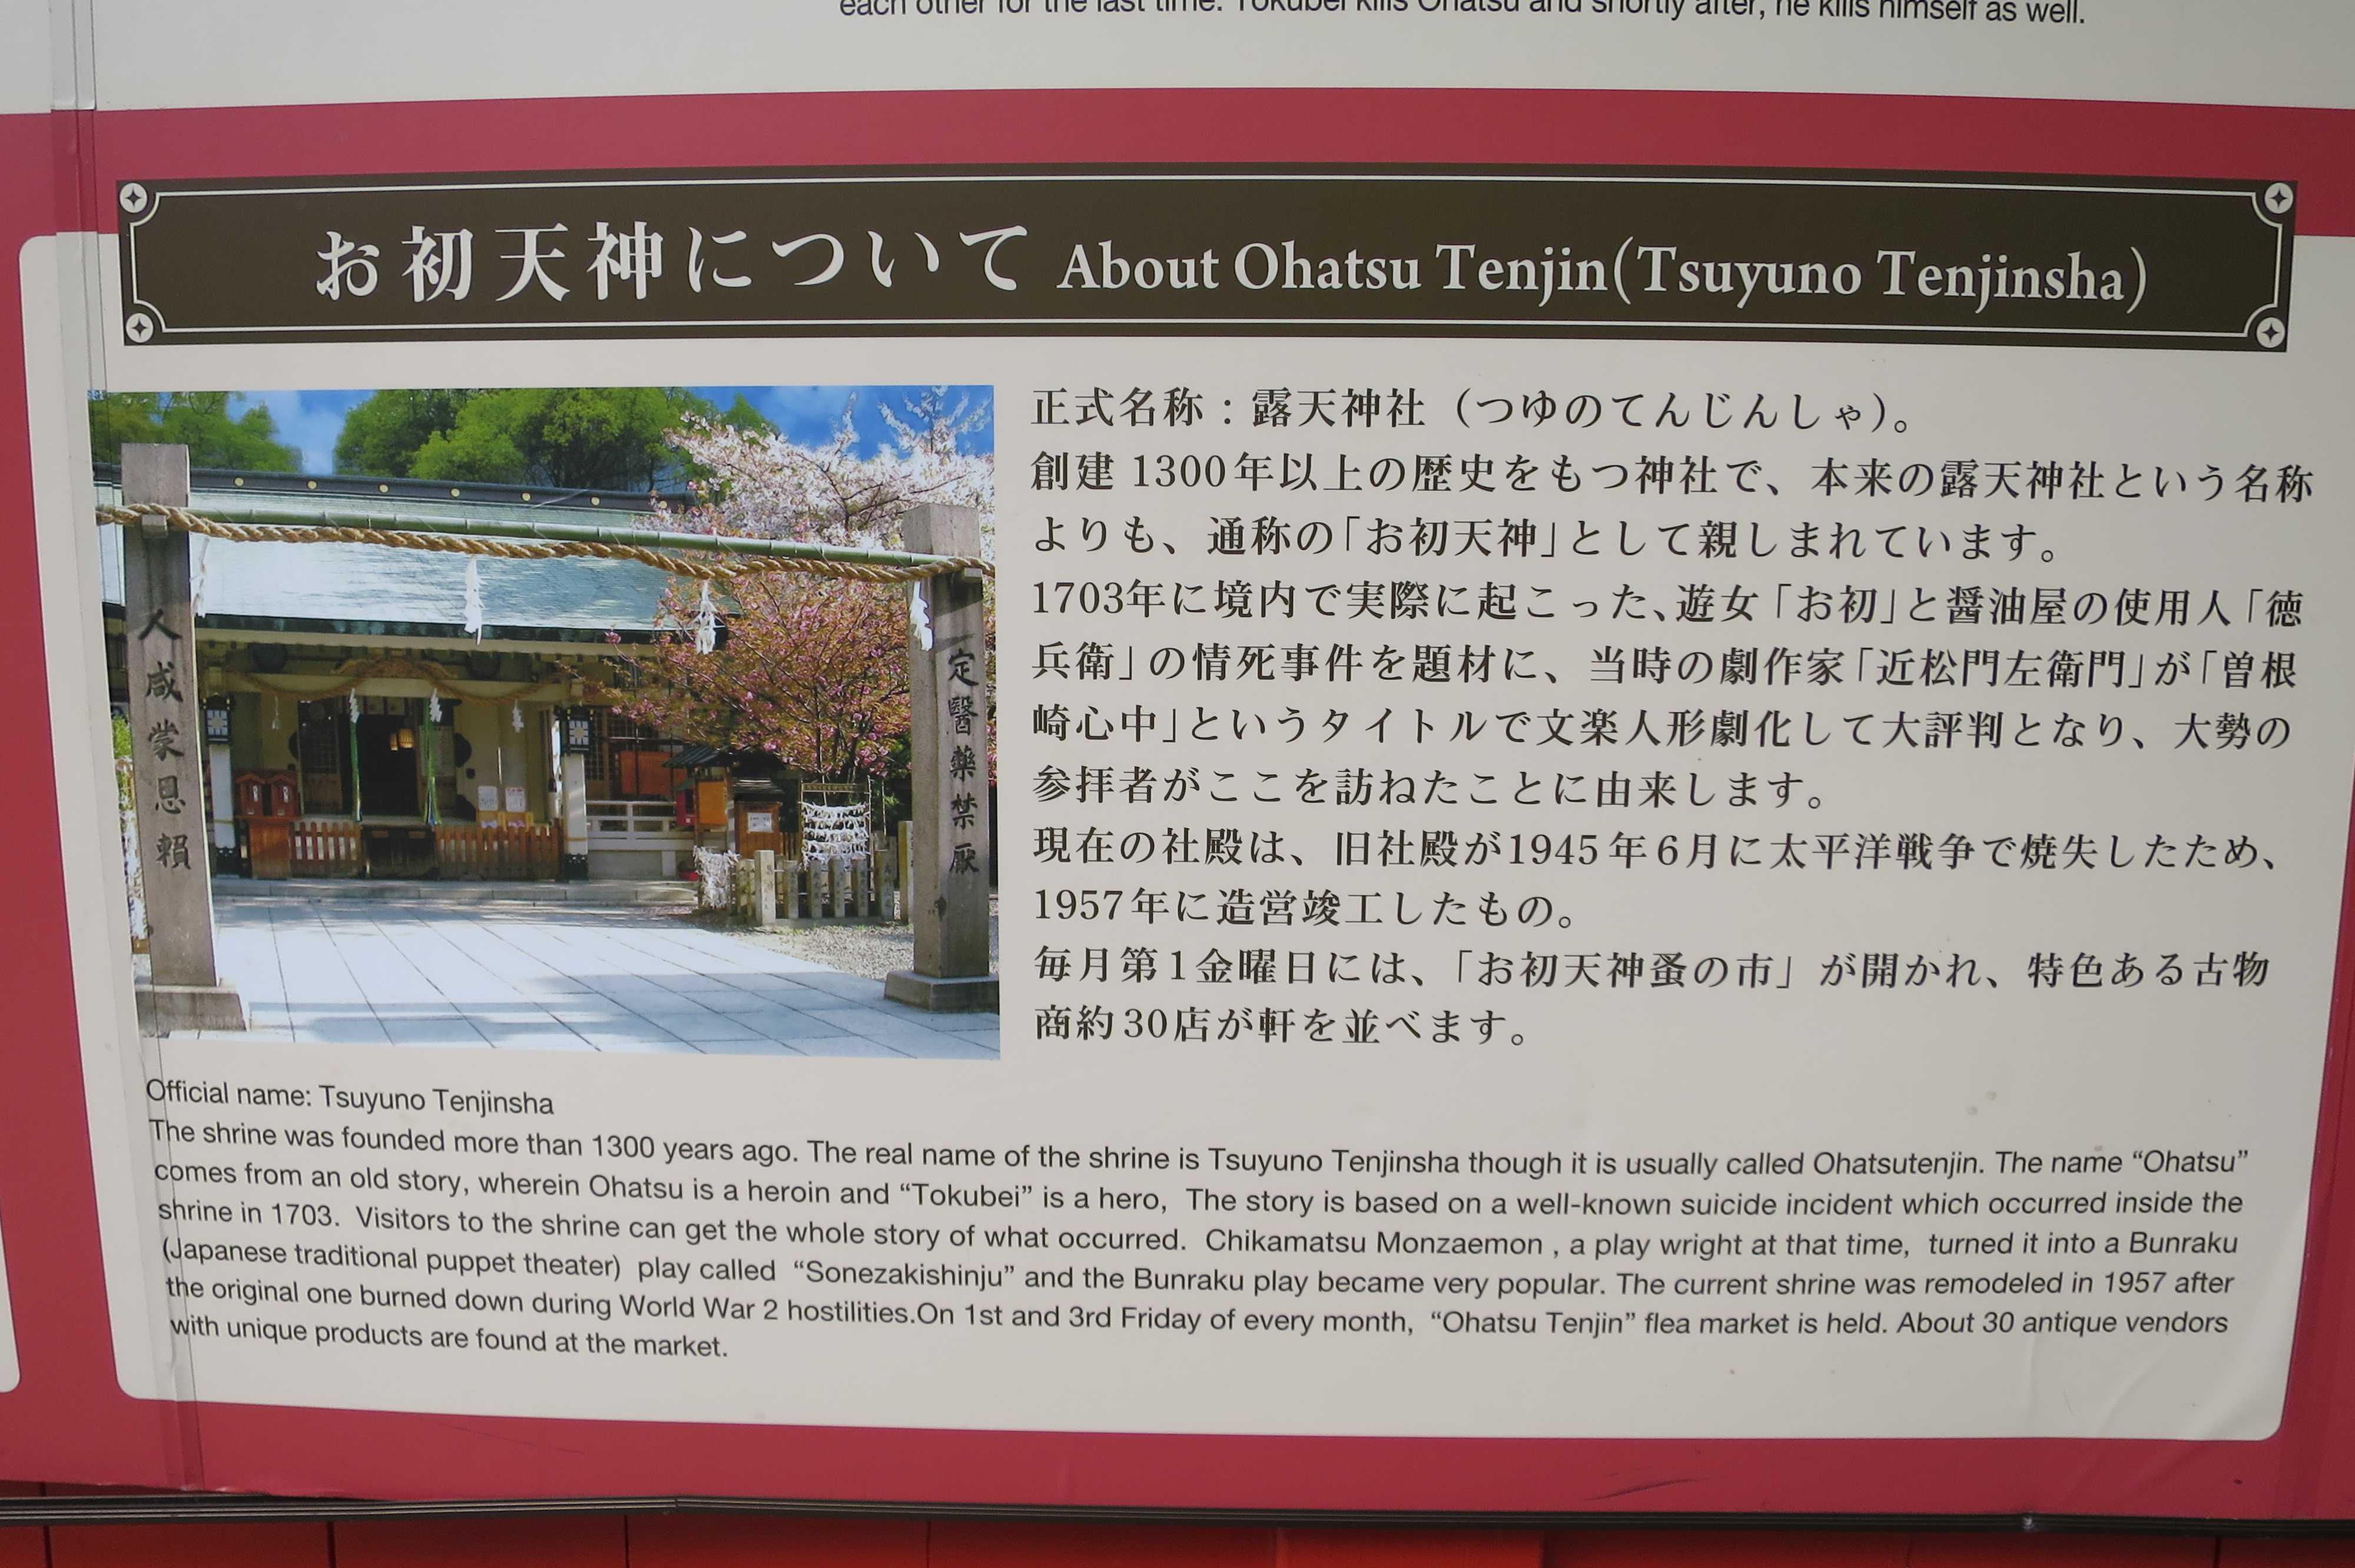 お初天神について 正式名称:露天神社(つゆのてんじんしゃ)- About Ohatsu Tenjin(Tsuyuno Tenjinsha)